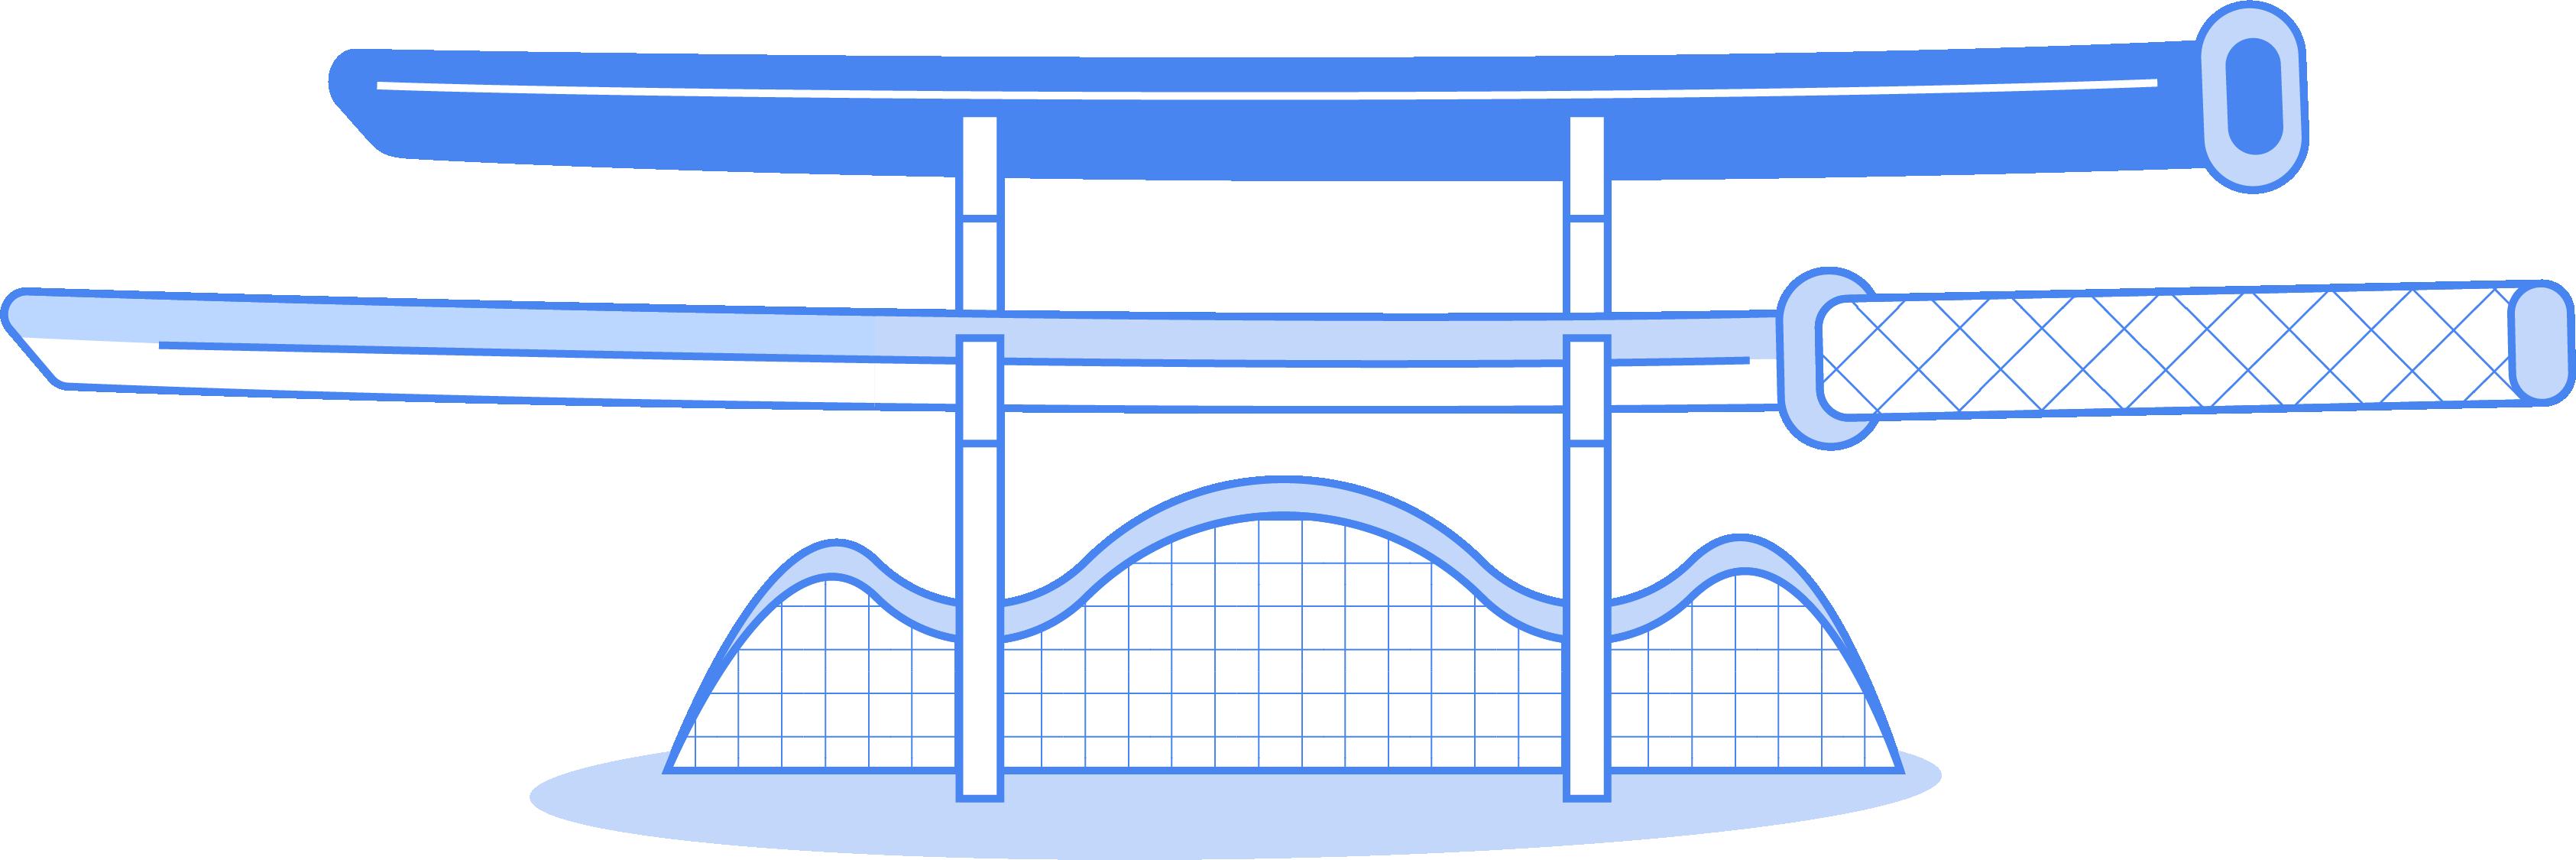 illustration schwert staender